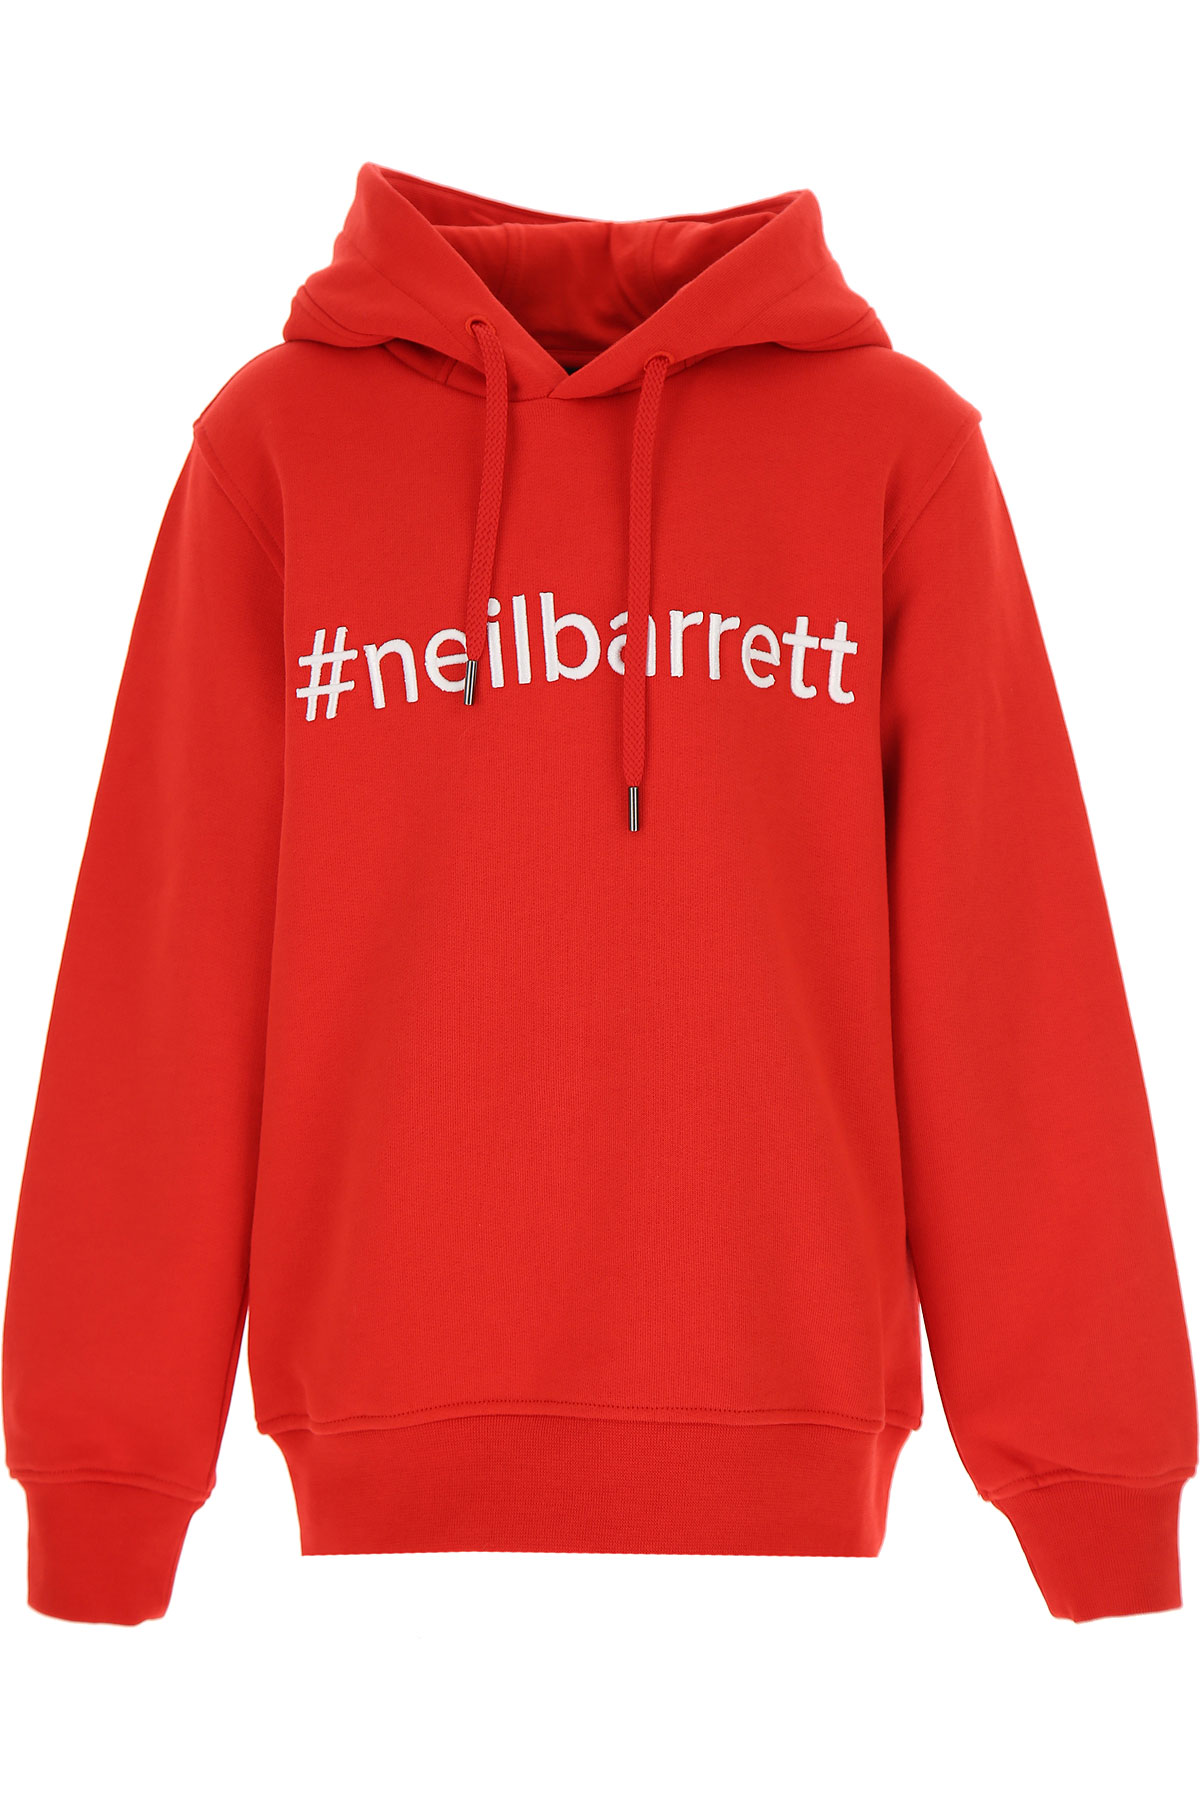 Neil Barrett Kids Sweatshirts & Hoodies for Boys On Sale, Red, Cotton, 2019, 10Y 12Y 8Y